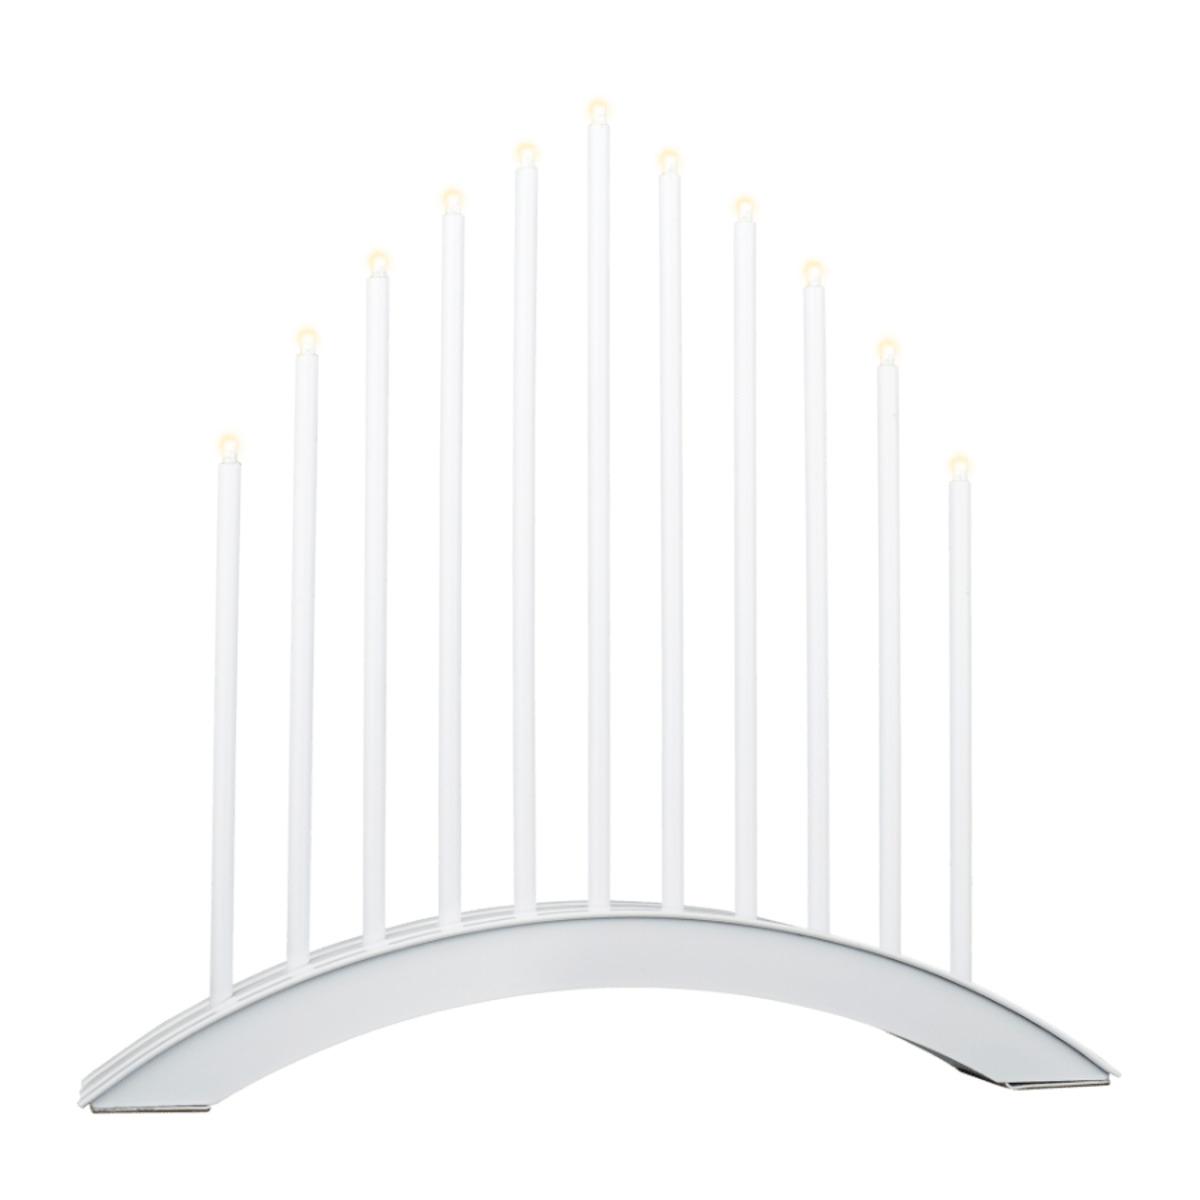 Bild 3 von LIGHTZONE     LED-Dekorationsleuchte